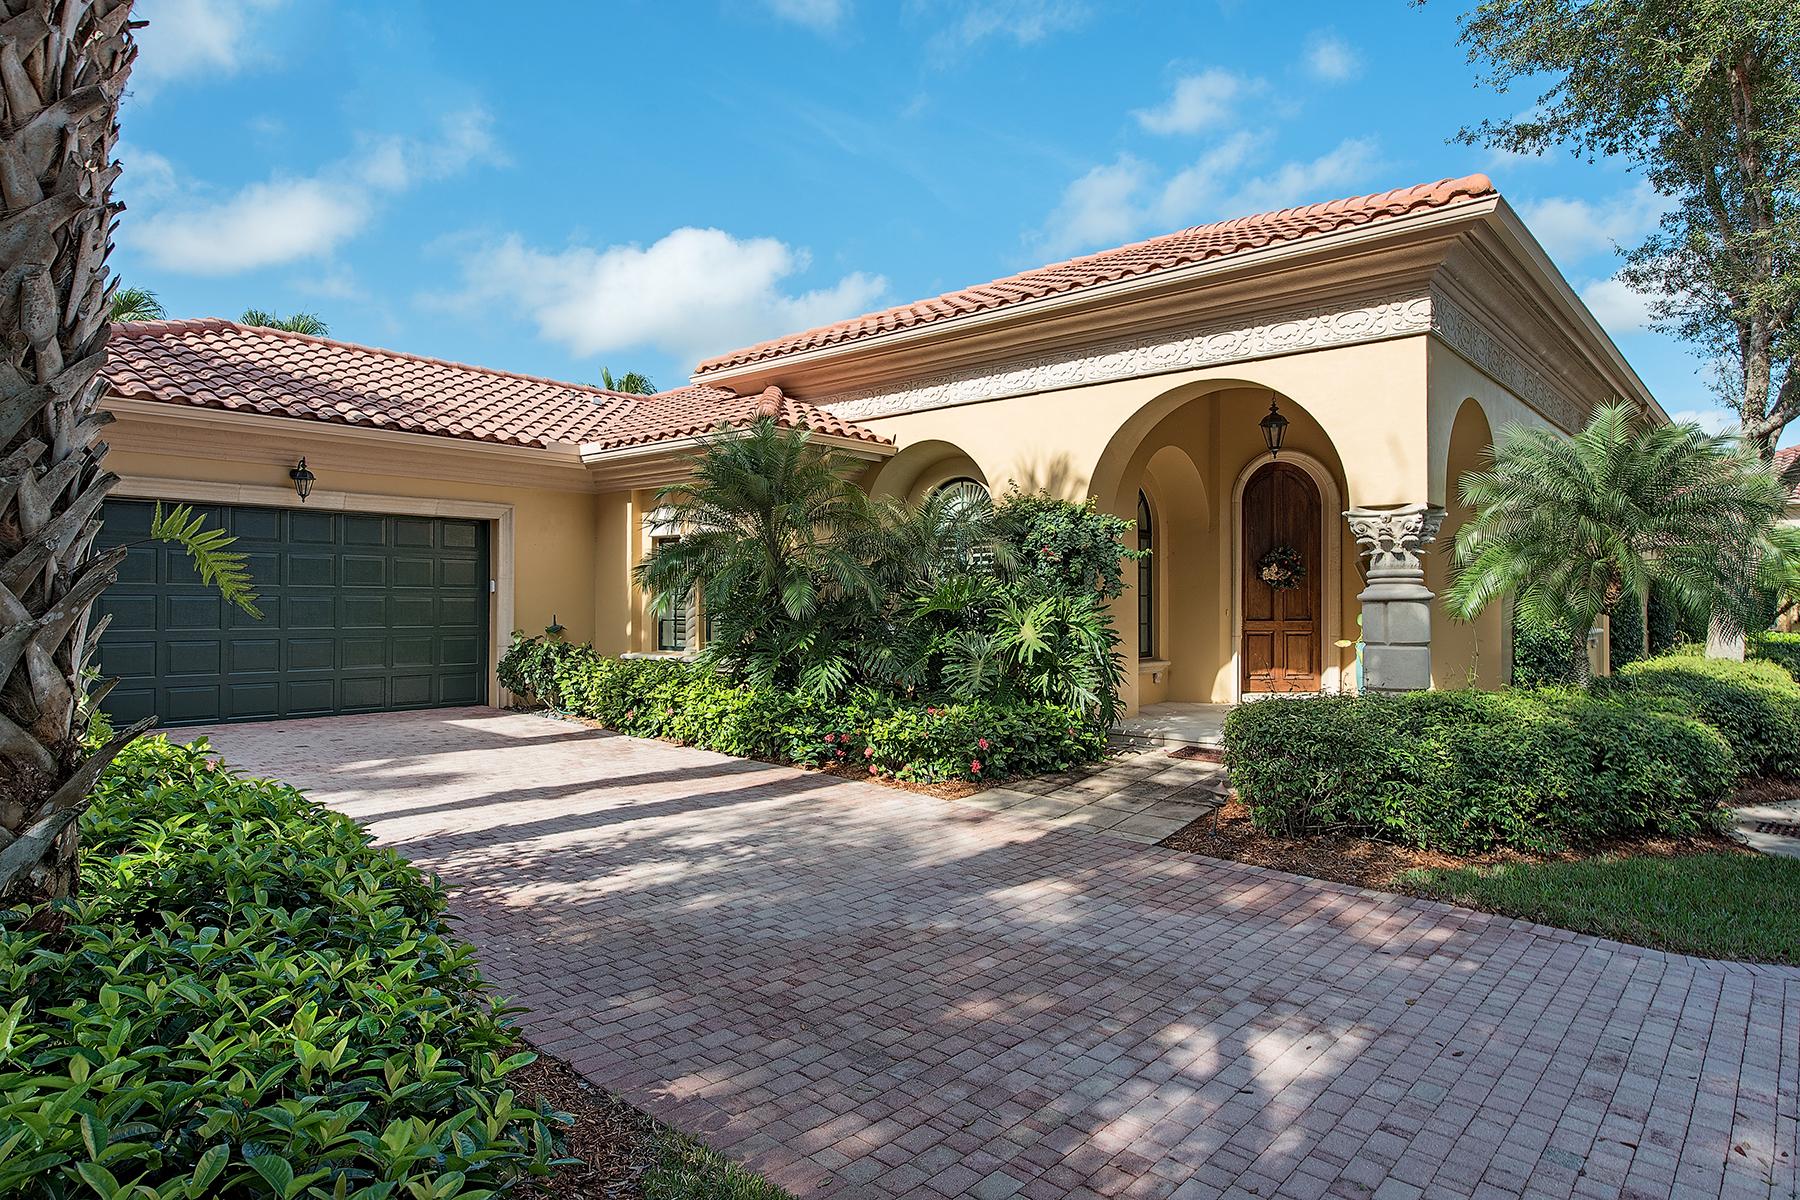 一戸建て のために 売買 アット 2563 Avila Ln , Naples, FL 34105 2563 Avila Ln Naples, フロリダ 34105 アメリカ合衆国